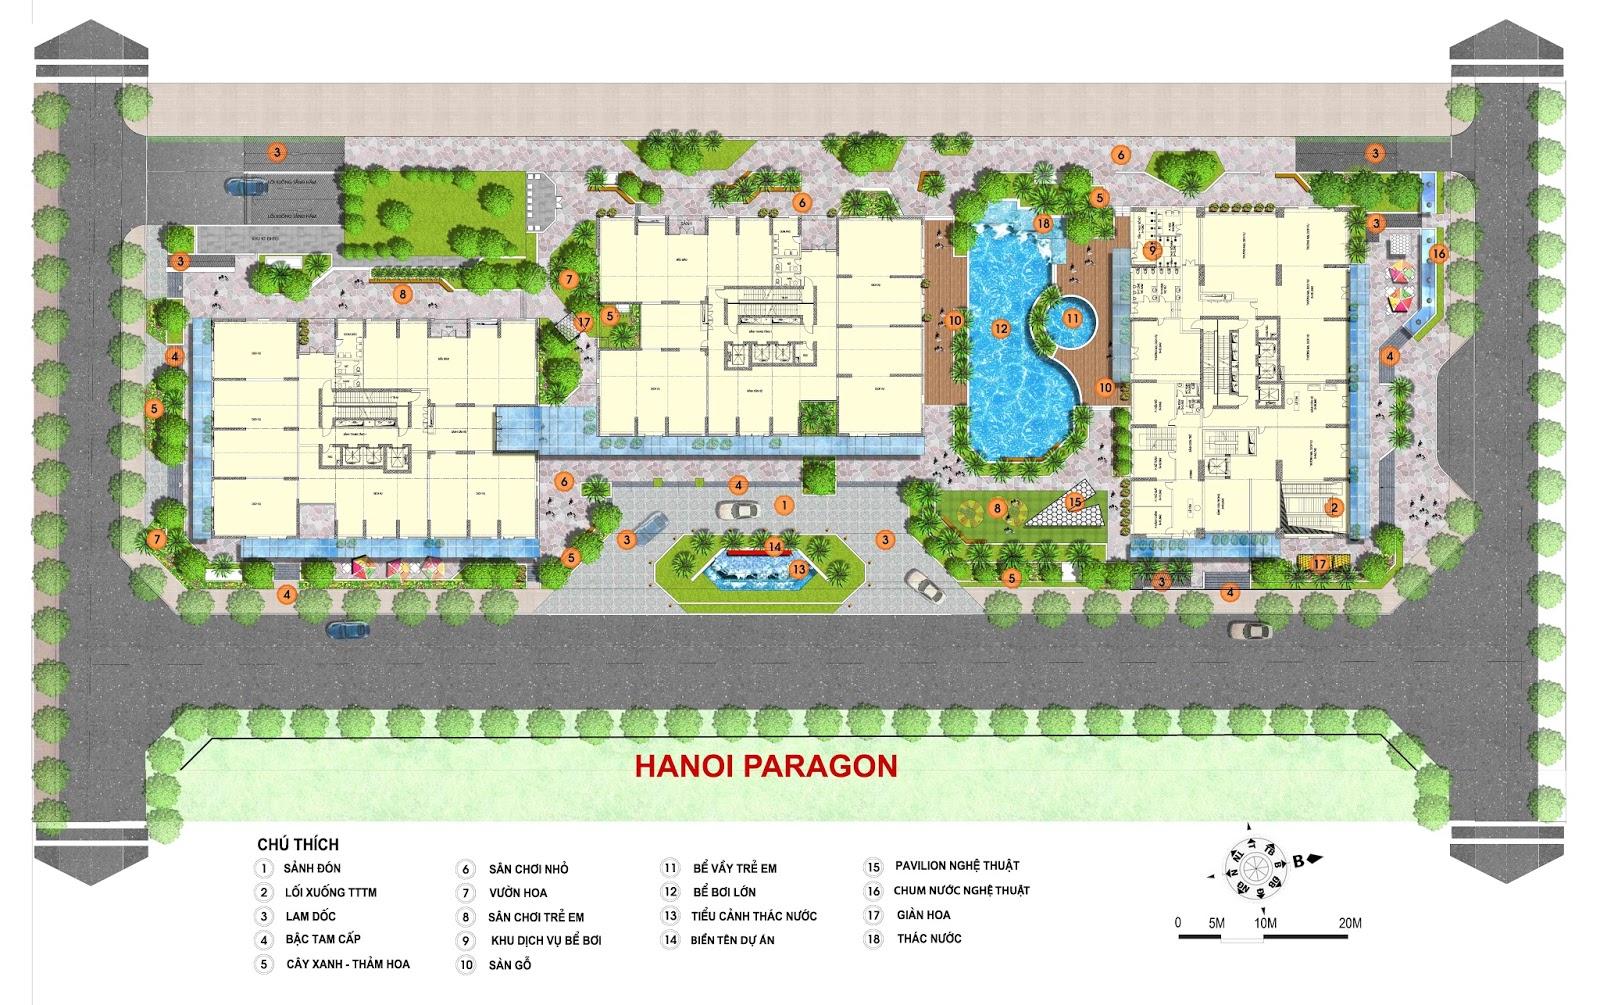 Tiện ích cao cấp của chung cư Hà Nội Paragon